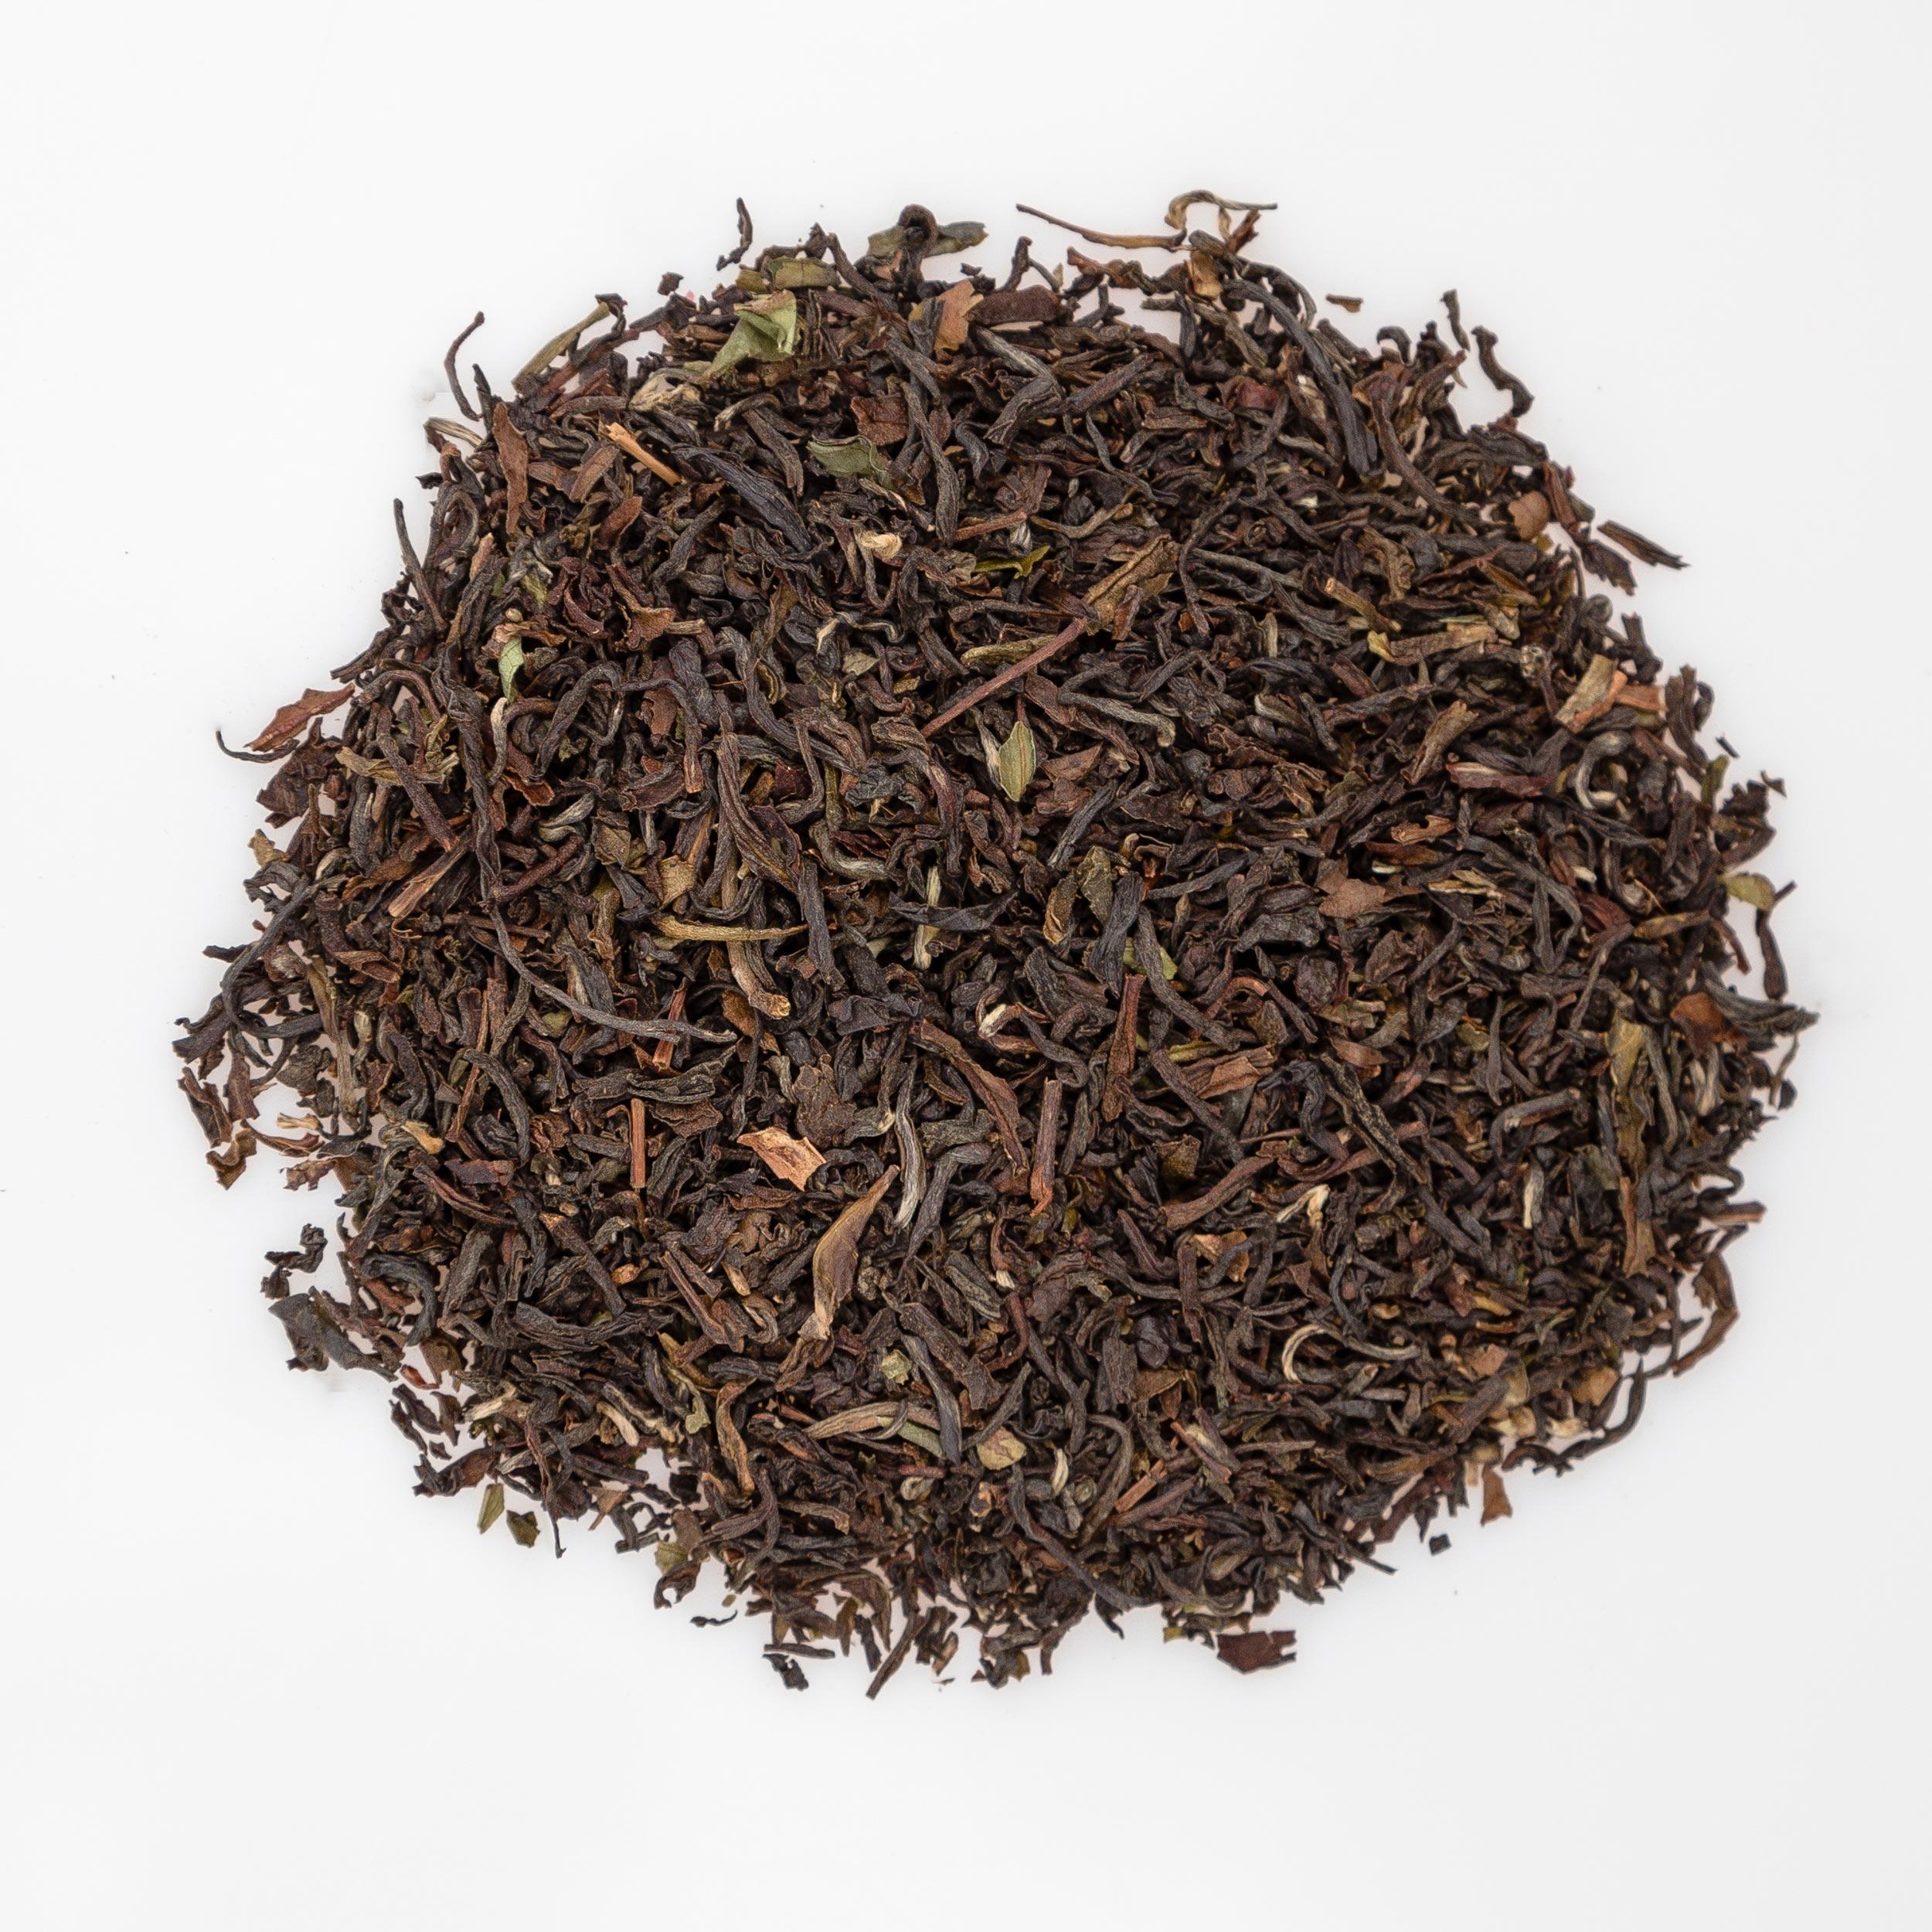 Właściwości herbat- najczęściej zadawane pytania